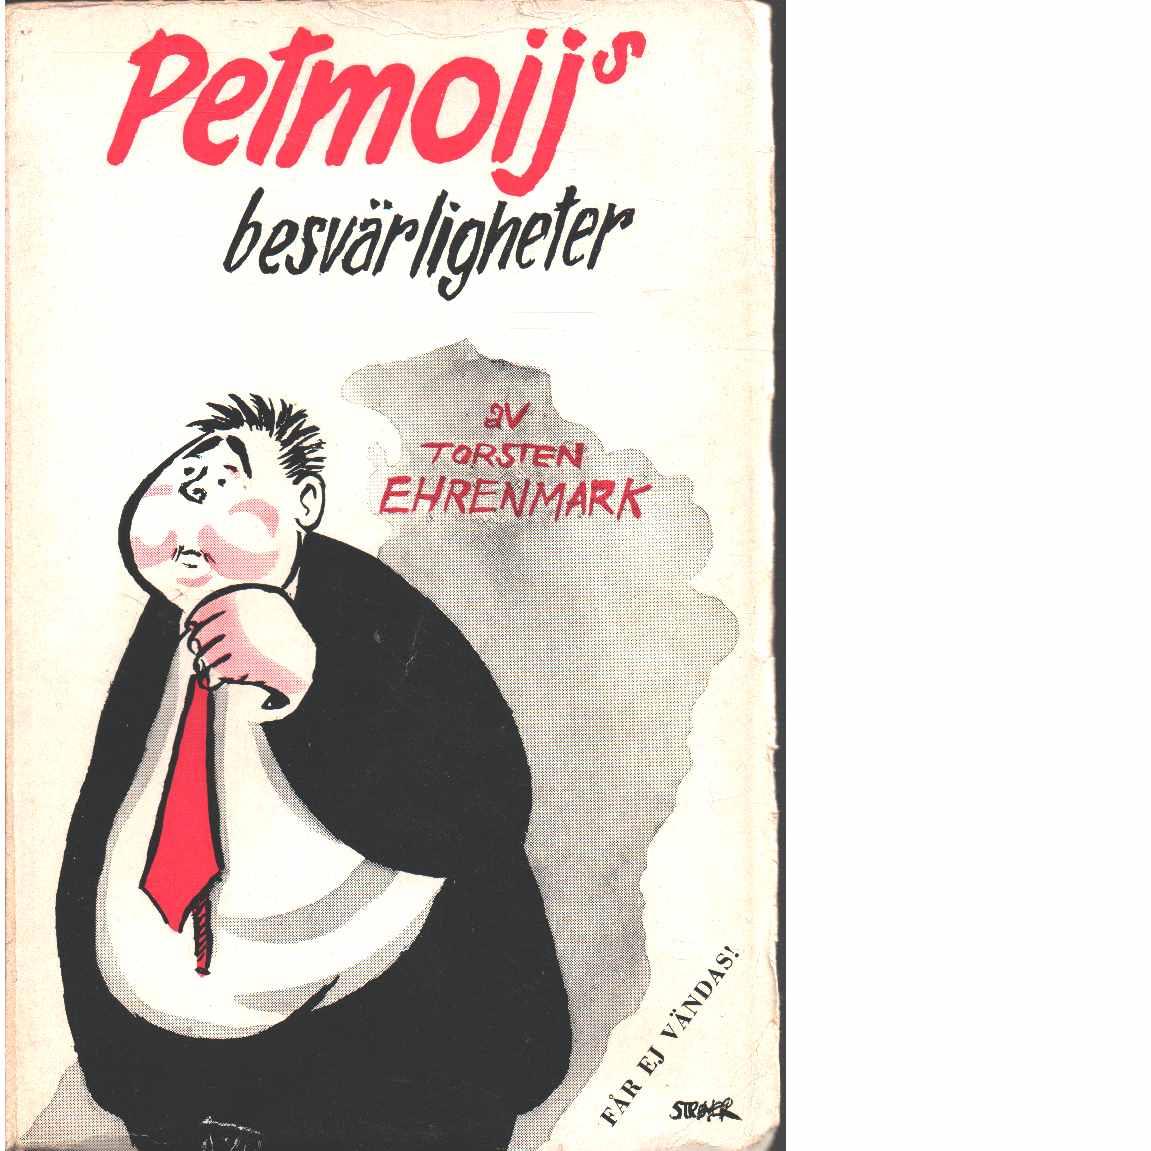 Petmoijs besvärligheter och andra kåserier - Ehrenmark, Torsten